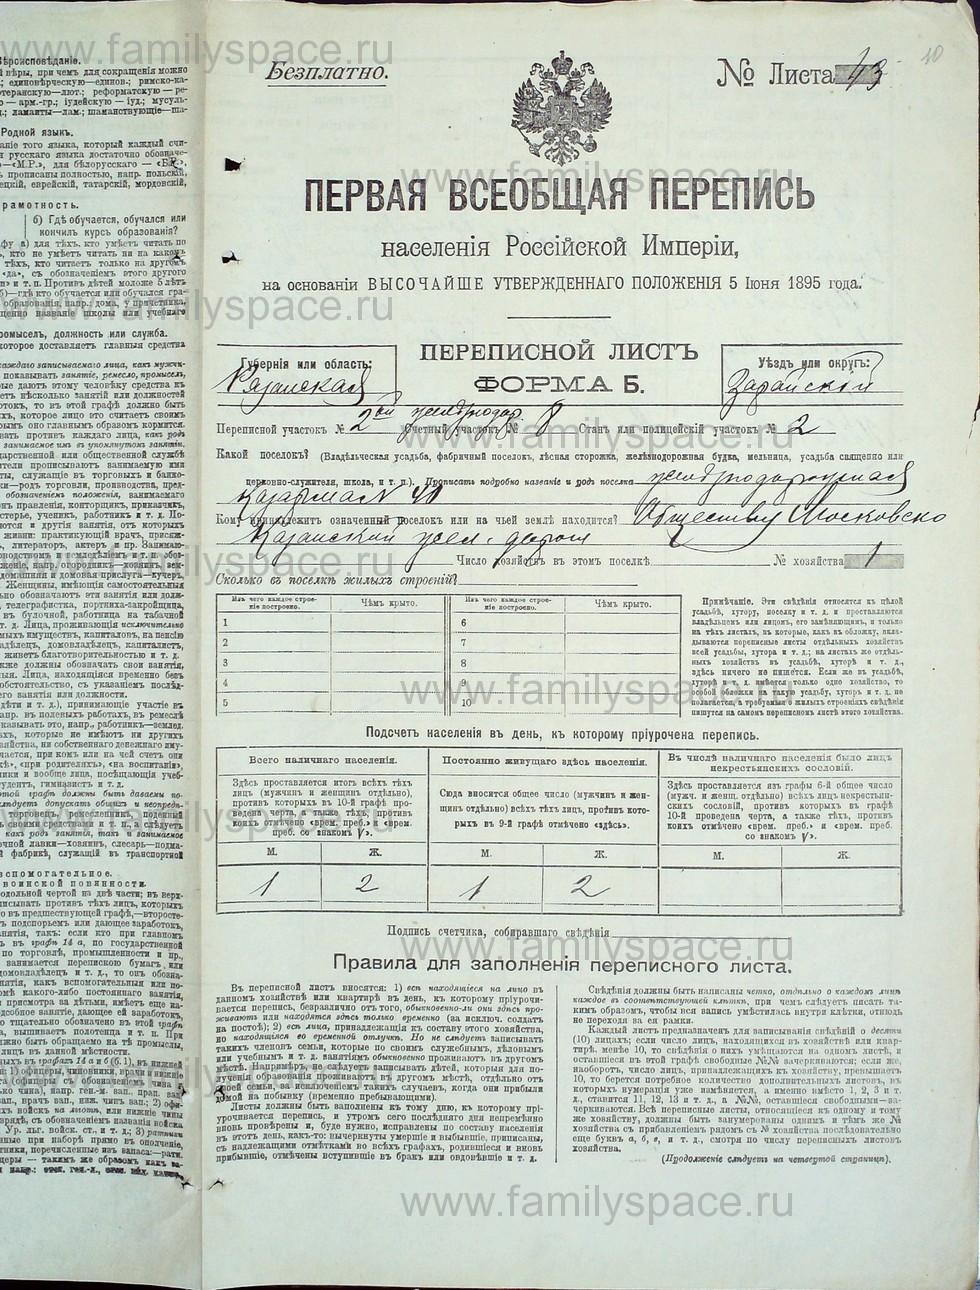 Поиск по фамилии - Первая всеобщая перепись населения Российской империи 1897 года, Рязанская губерния, Зарайский уезд, страница 228